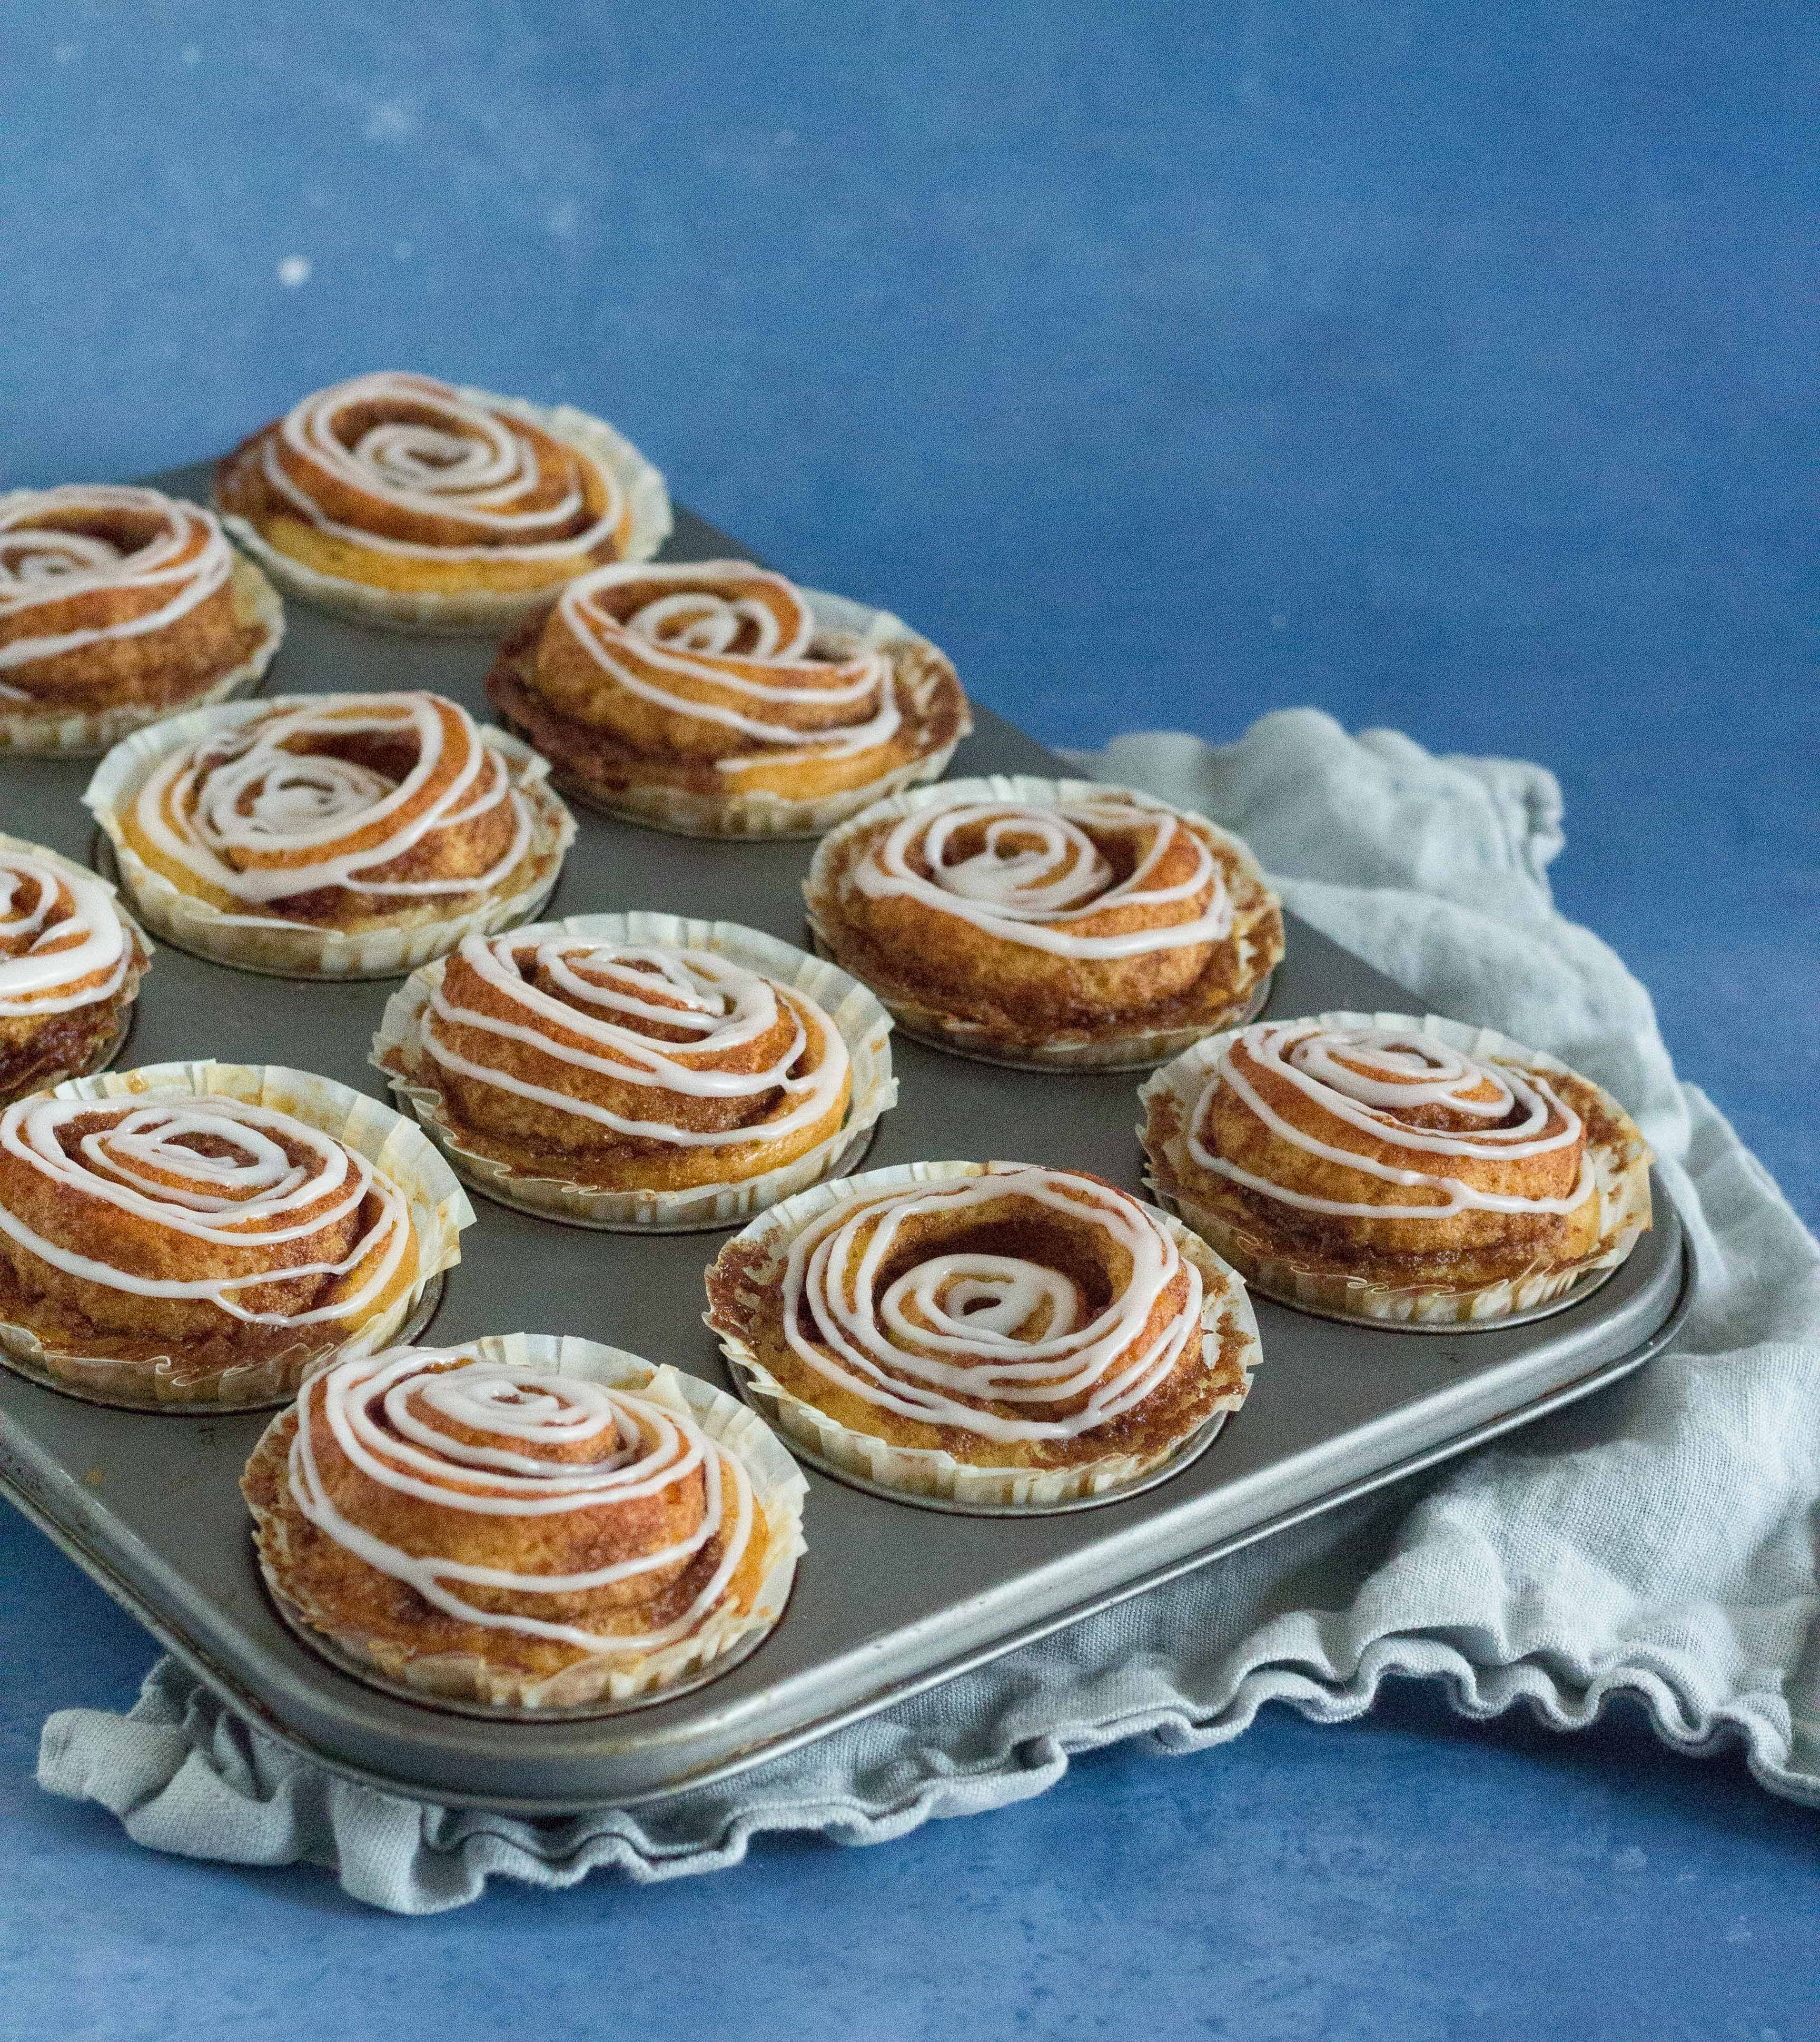 kanelsnegle muffins